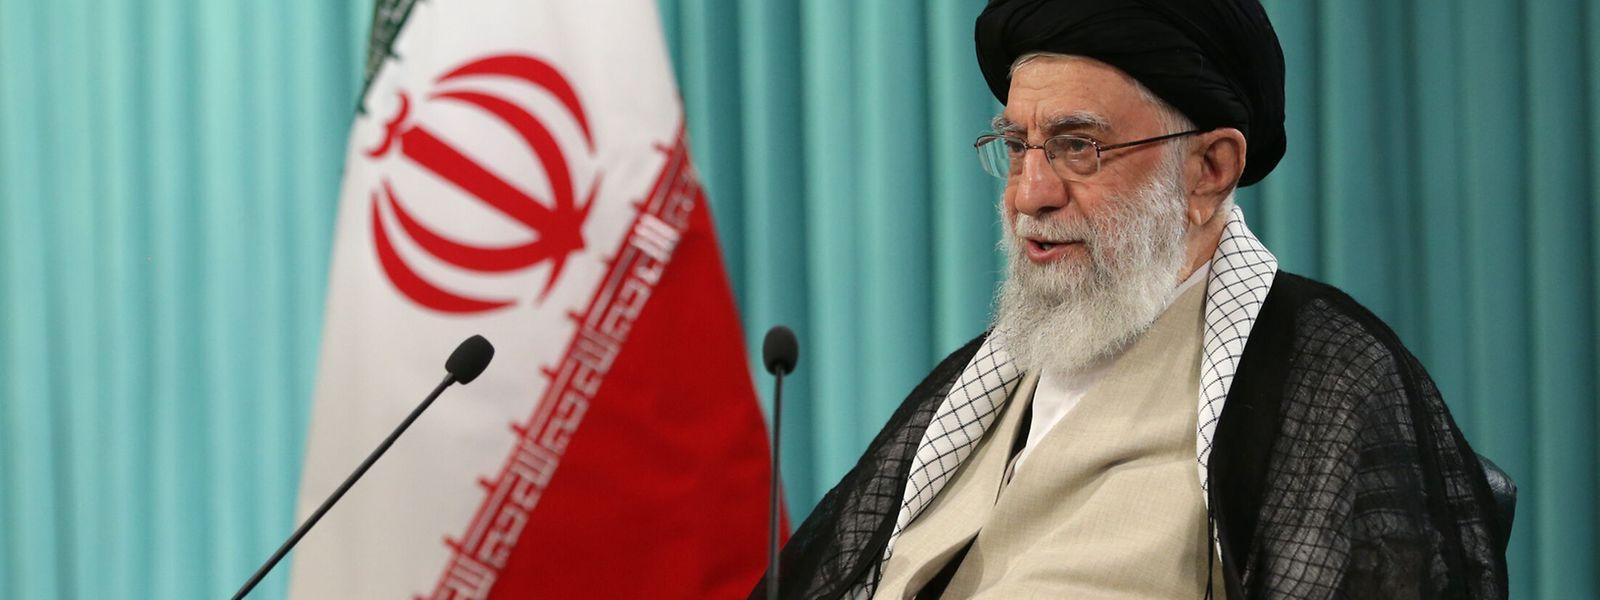 Auf seiner offiziellen Website fordert Ali Chamenei, Oberster Führer des Iran, das Land auf, an der bevorstehenden Präsidentschaftswahl teilzunehmen.